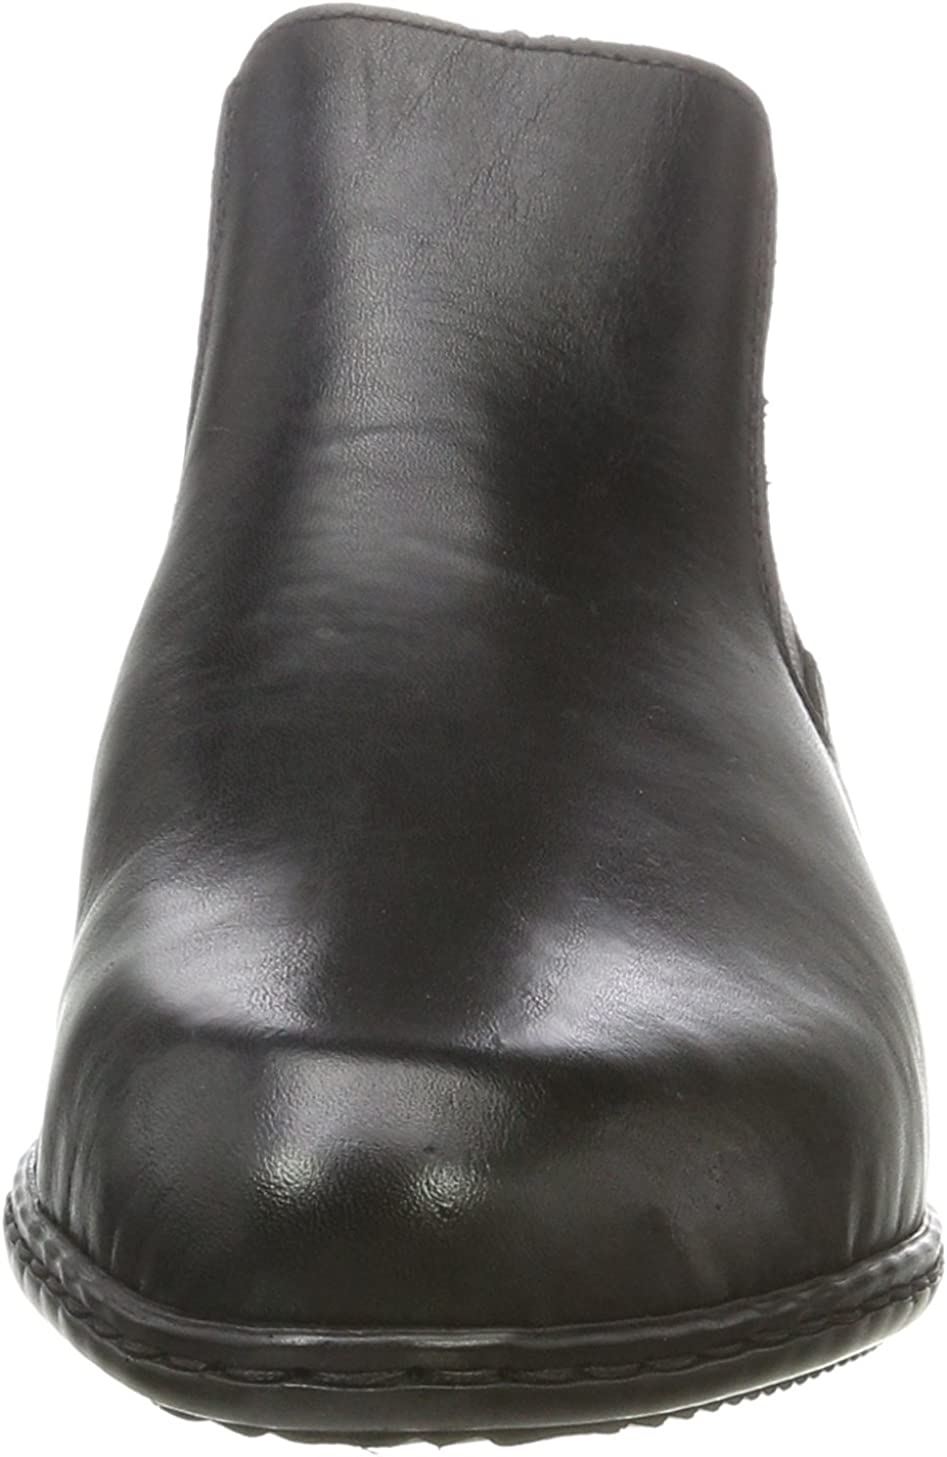 Rieker Damen M0752 Chelsea Boots Schwarz Nero, 40 EU: Amazon VOOQy